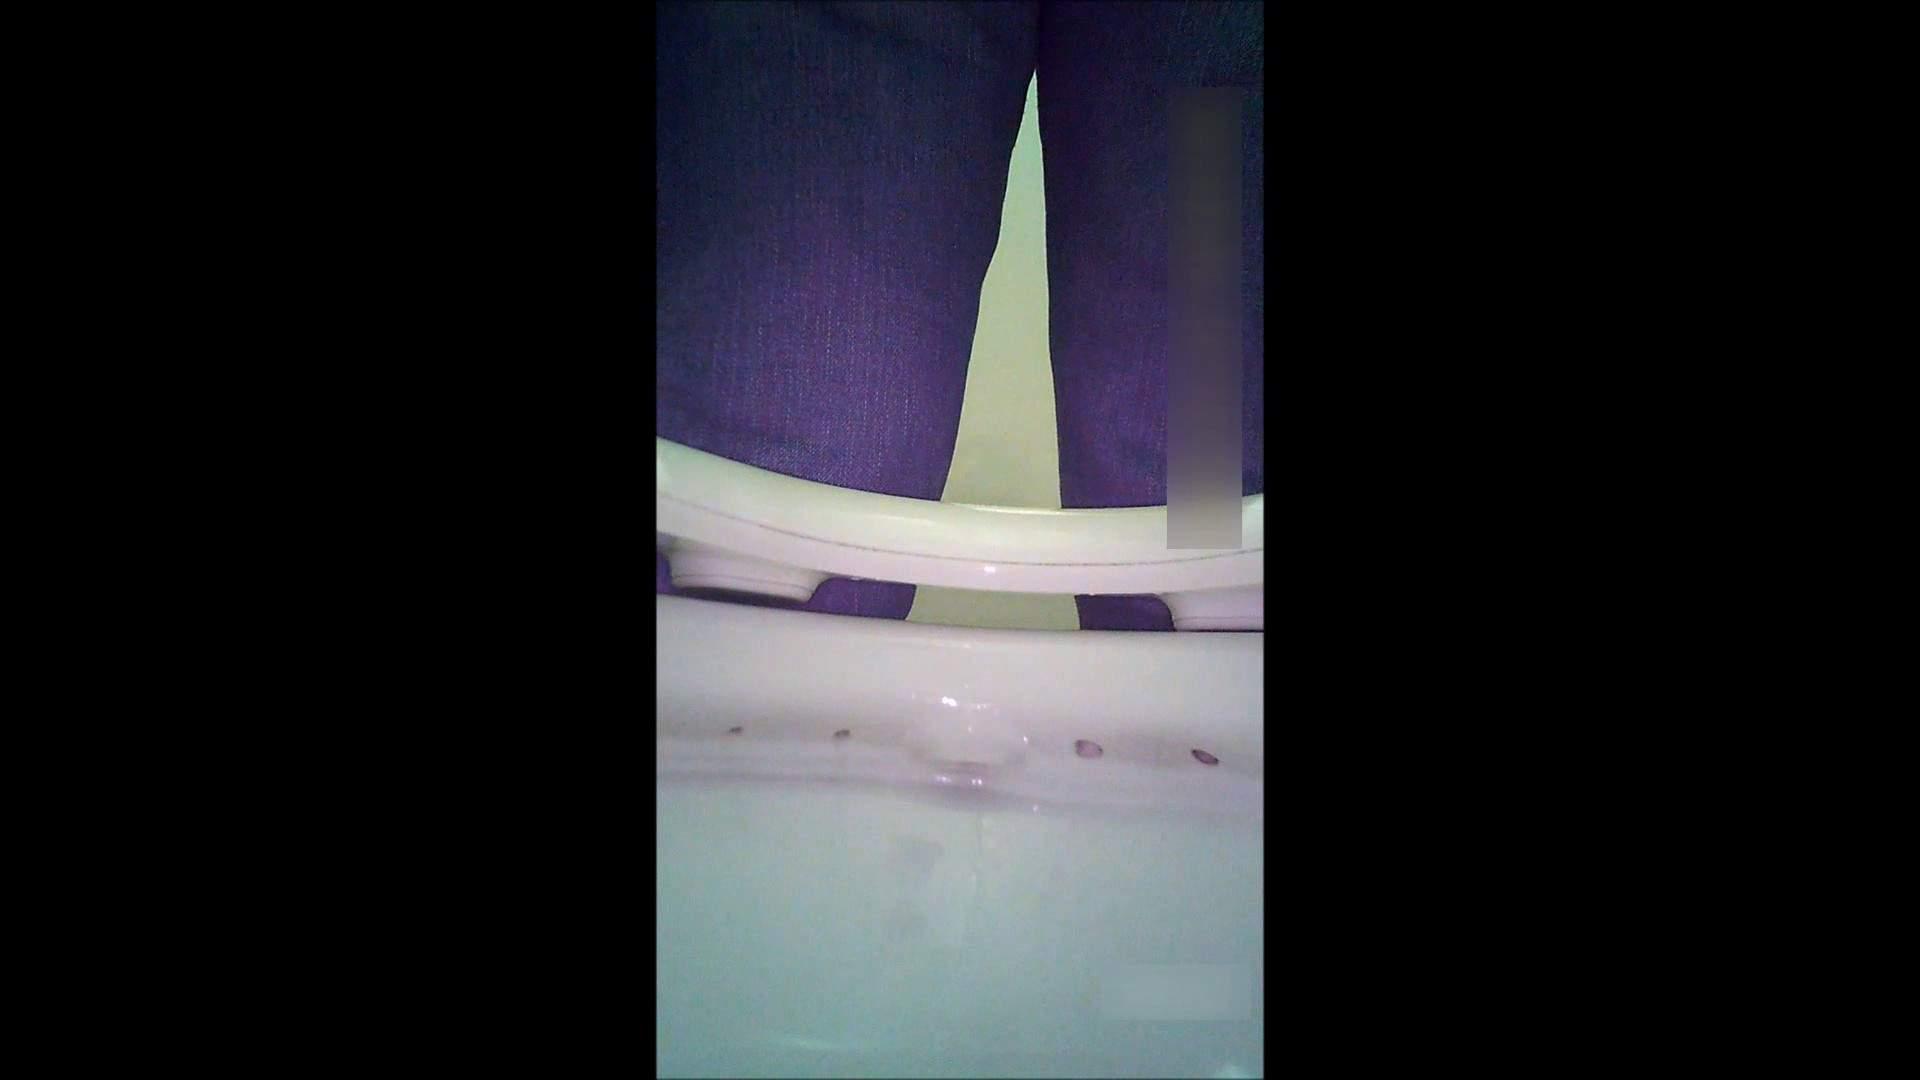 キレカワ女子大生の秘密の洗面所!Vol.051 学校 覗き性交動画流出 91画像 15